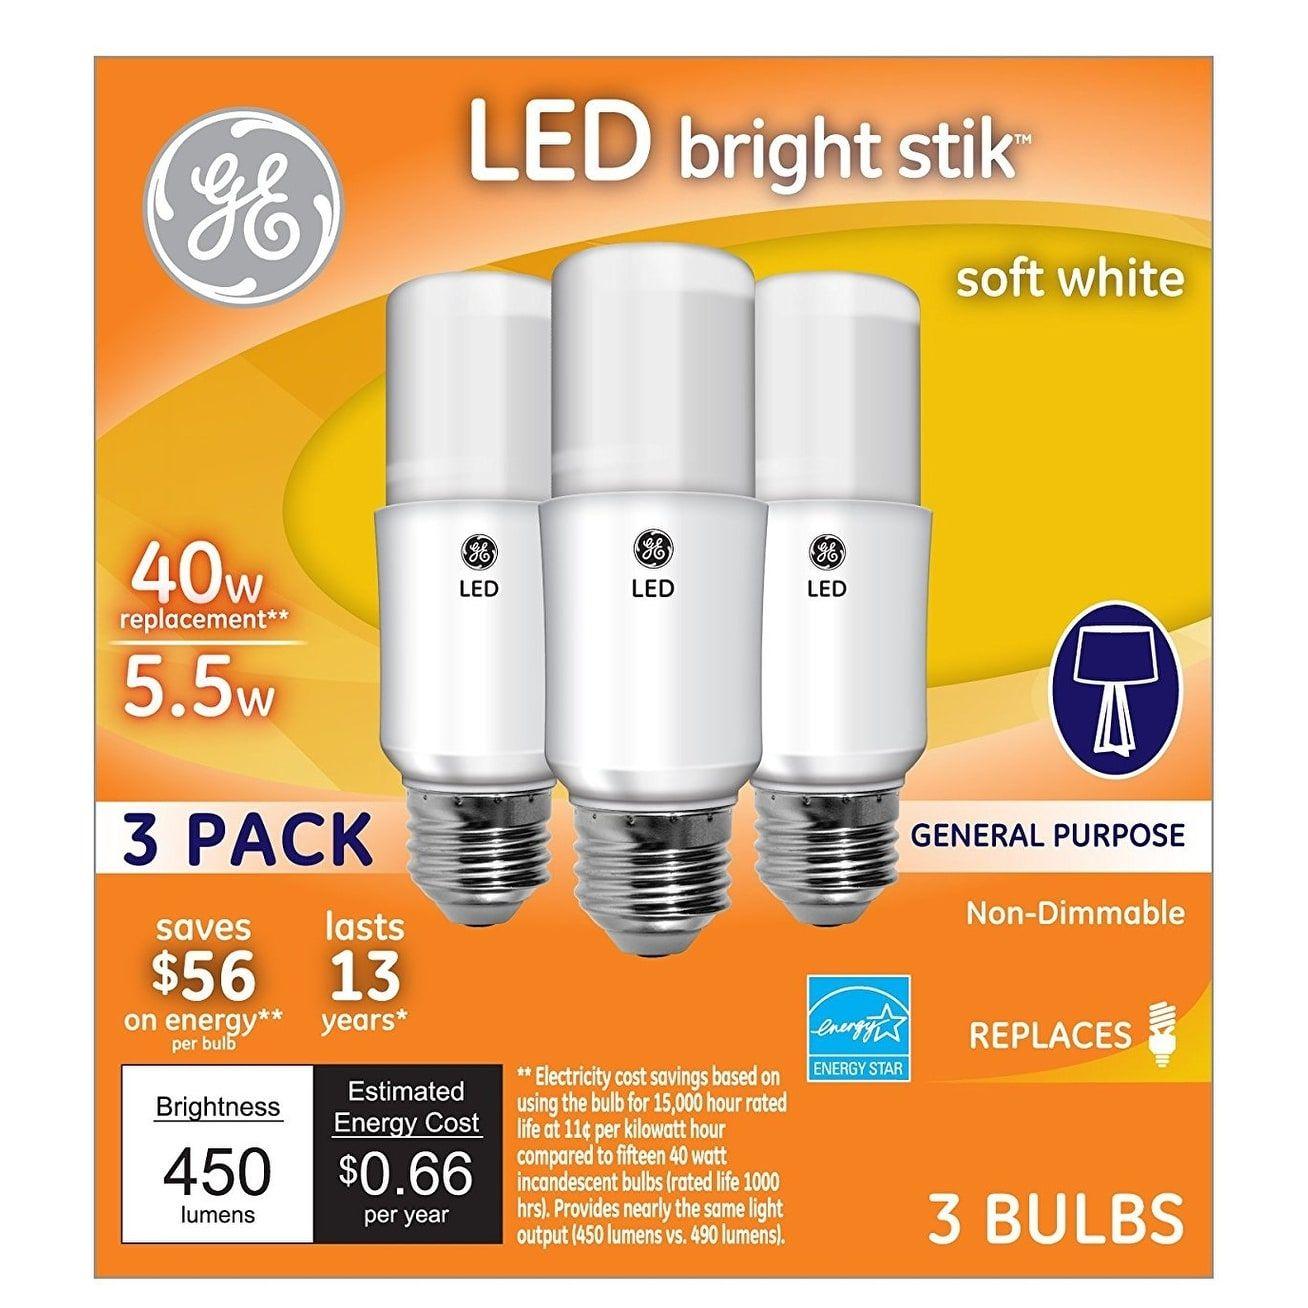 Ge Lighting 63551 Led Brightstik Light Bulb Soft White 5 5